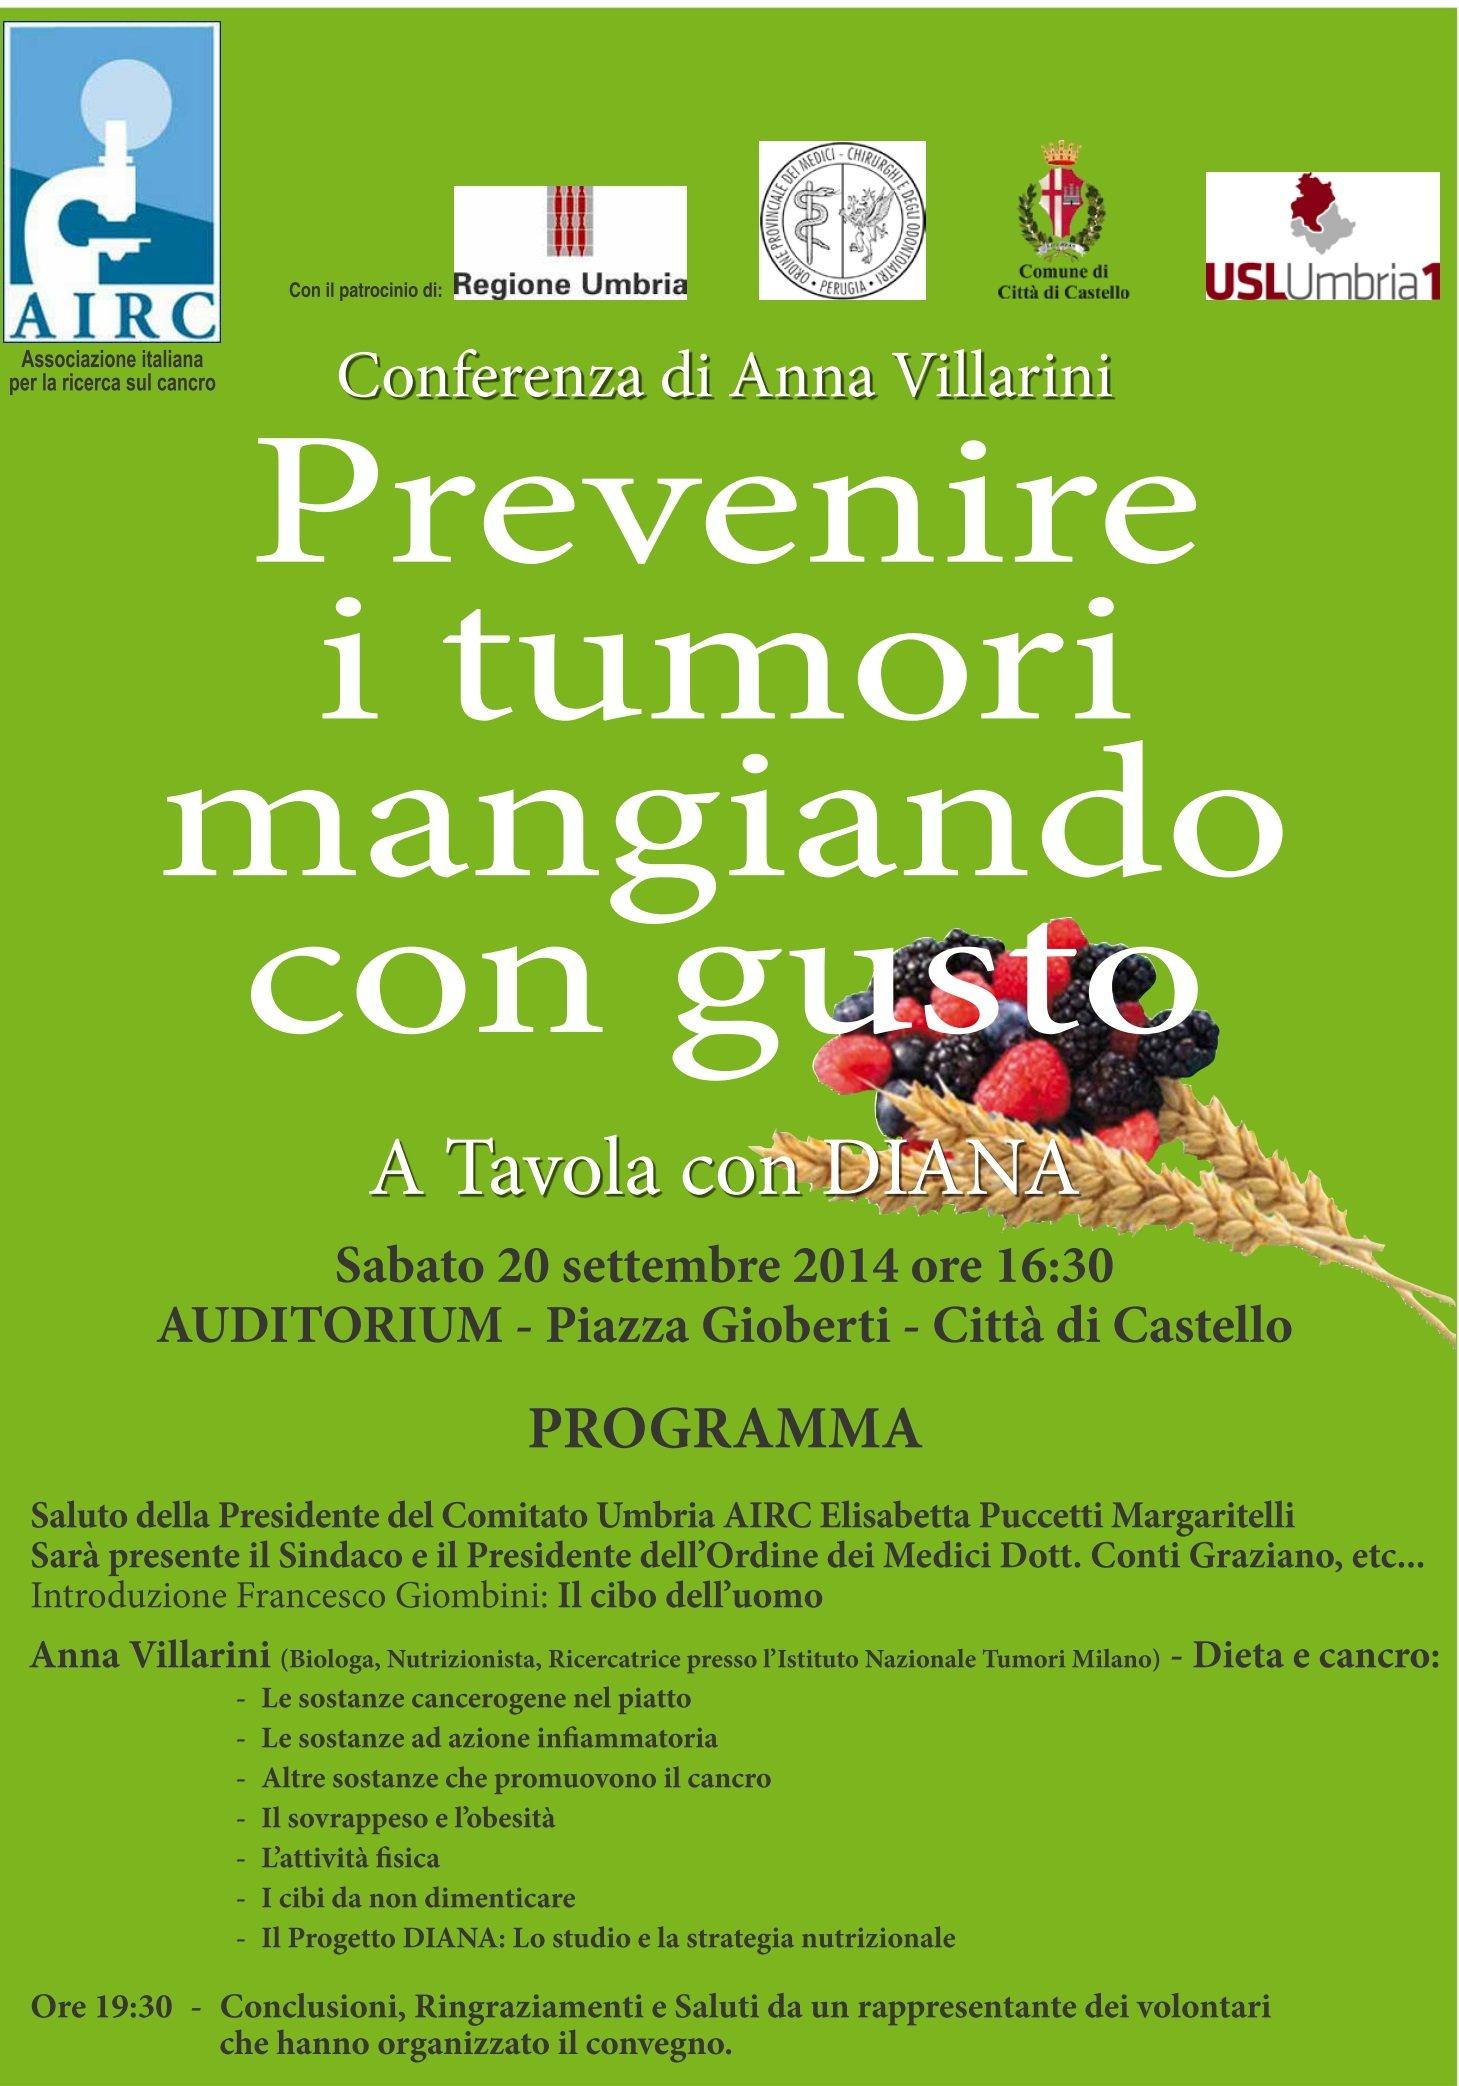 Prevenire i tumori mangiando con gusto - Prevenire in cucina mangiando con gusto ...